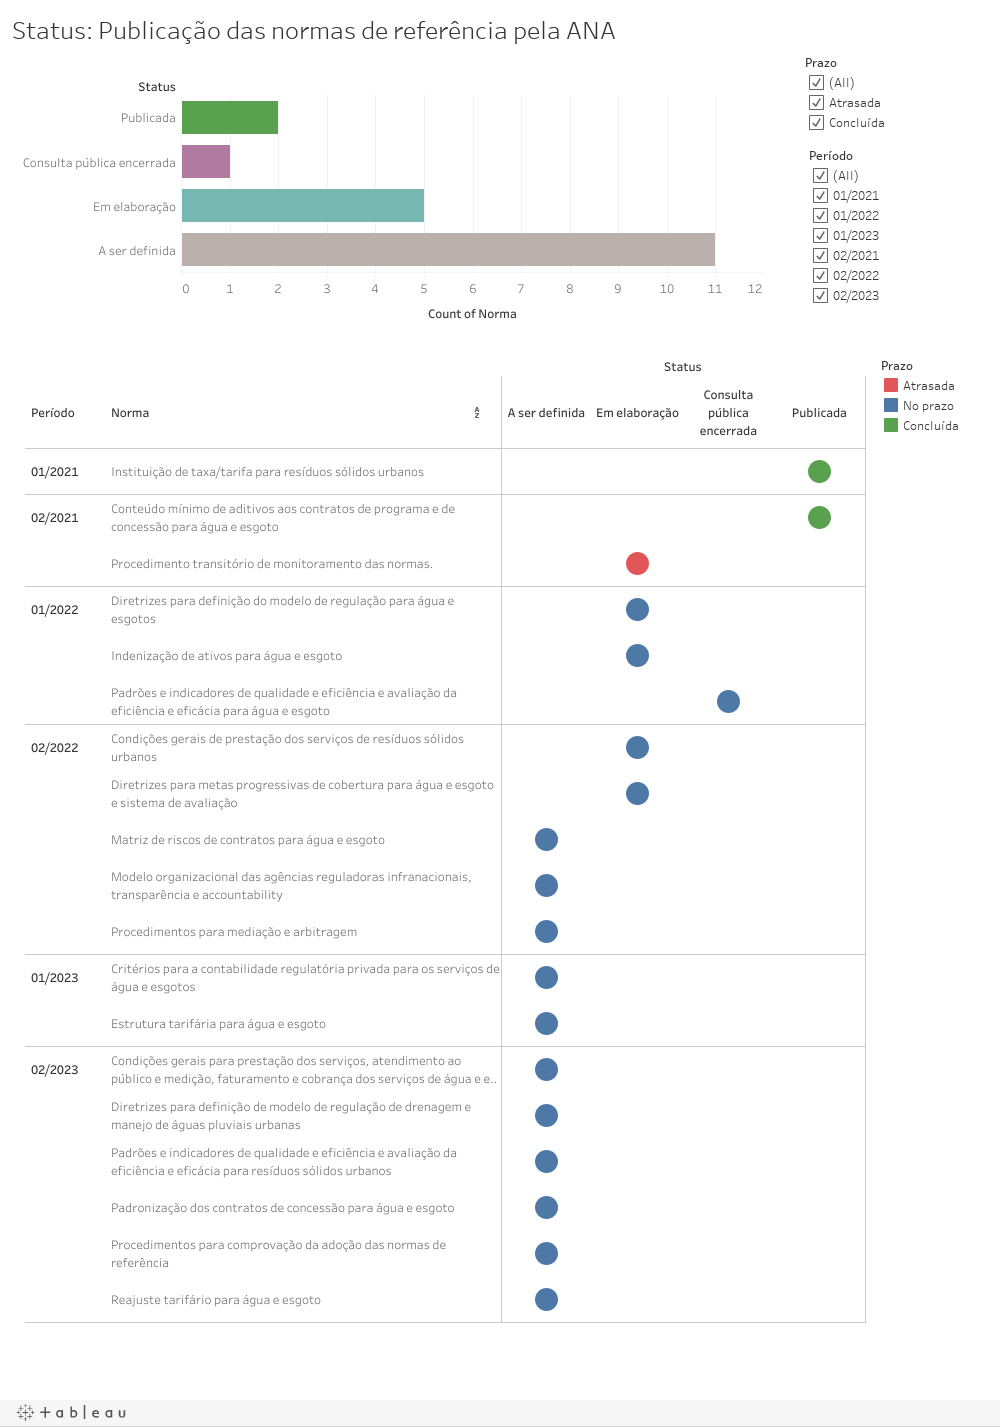 Status: Publicação das normas de referência pela ANA